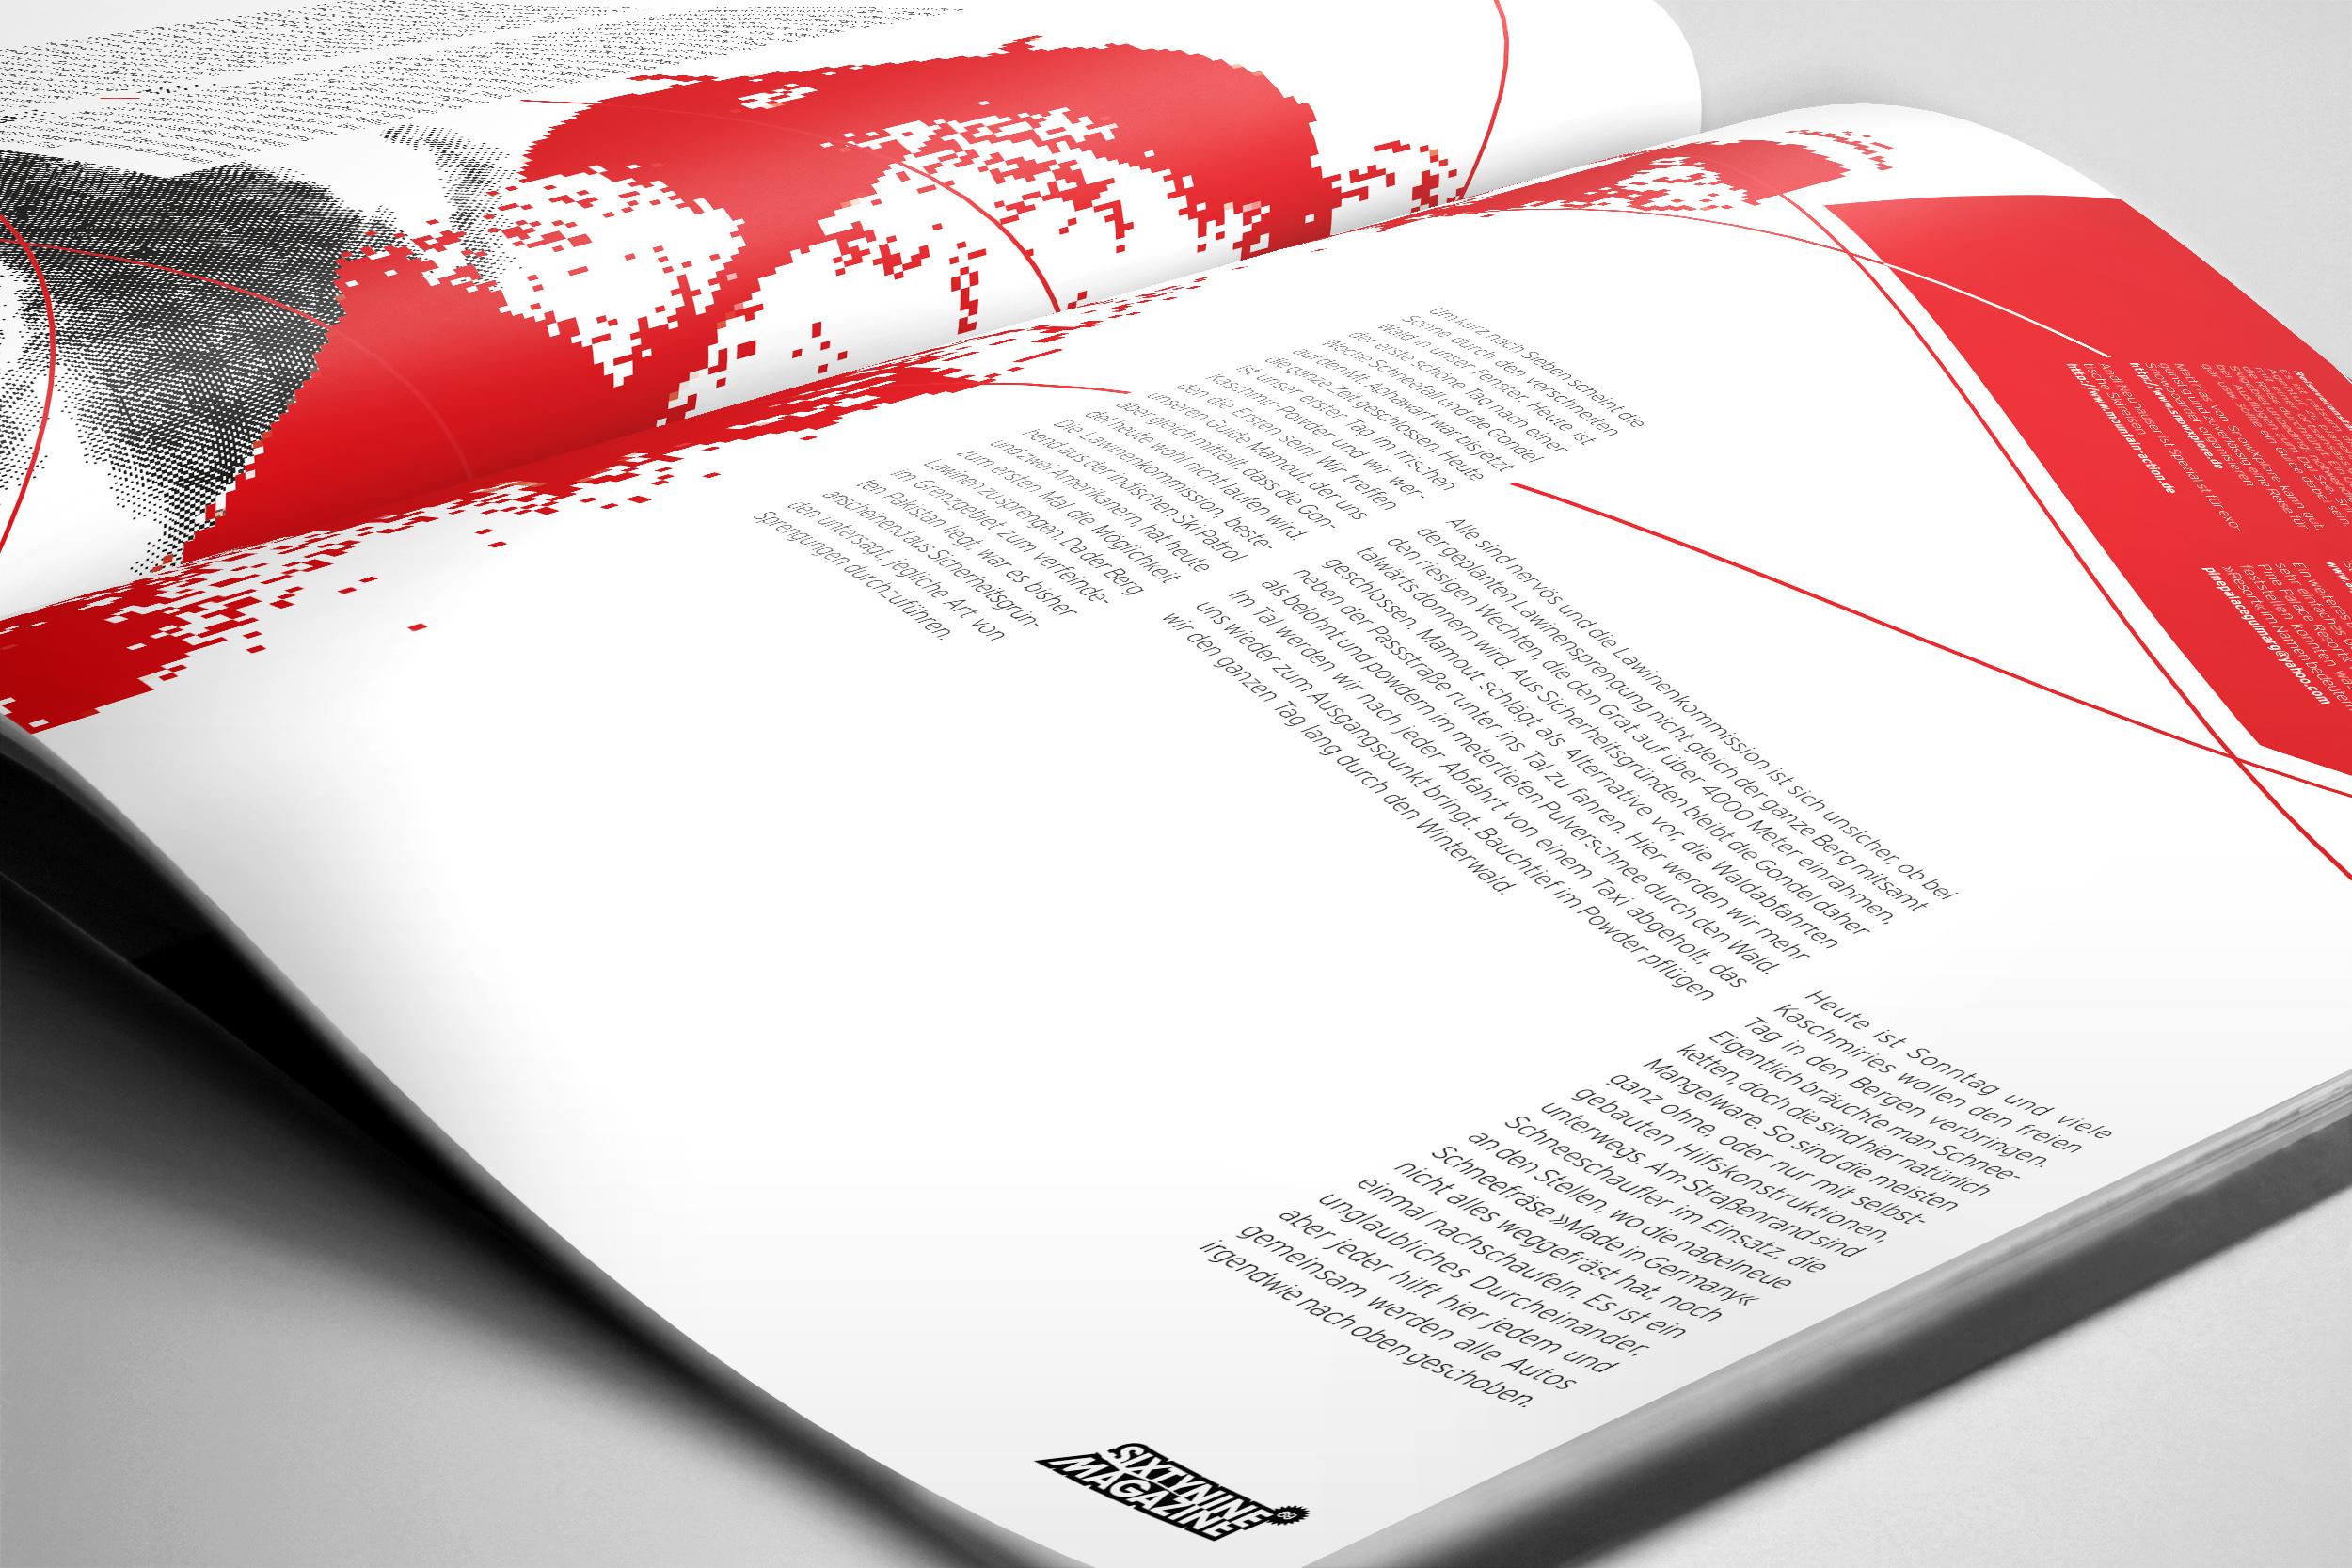 MagazineMockupV1 Kopie Kopie